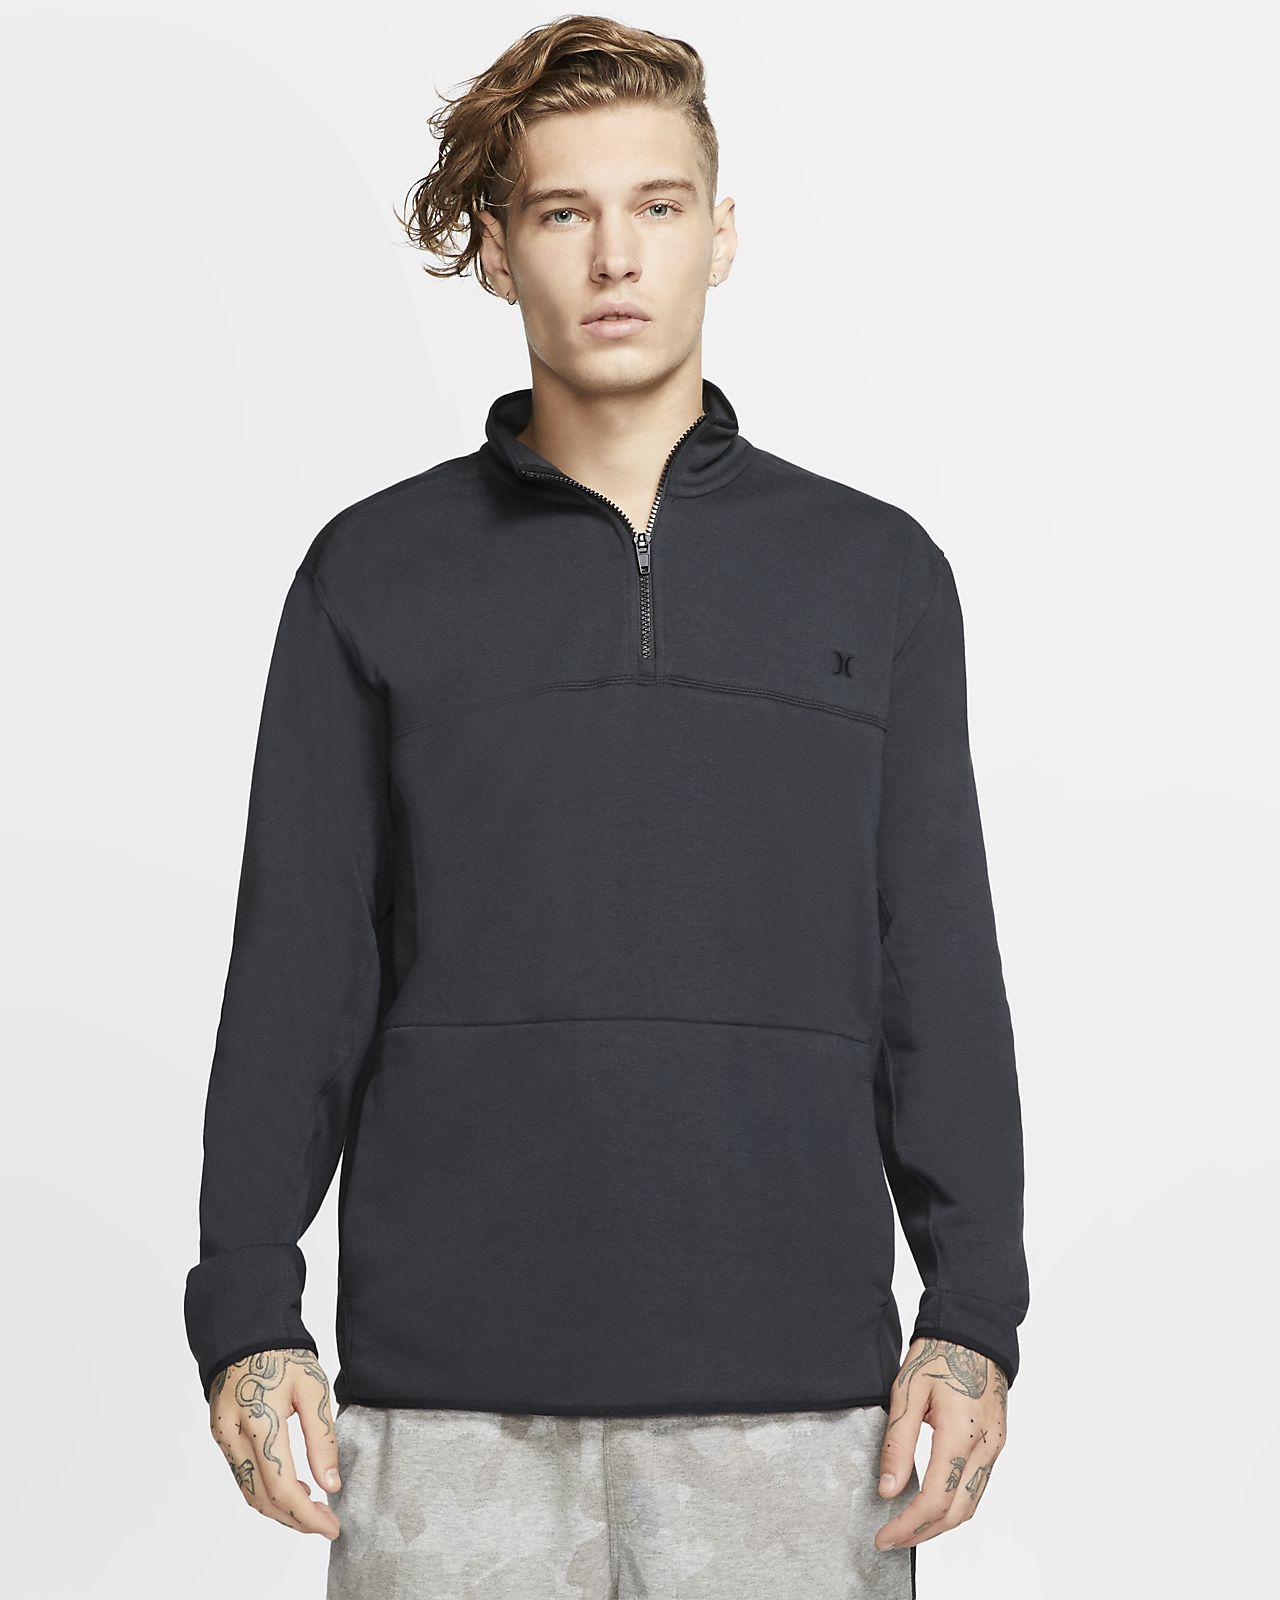 Camisola de lã cardada com fecho a 1/4 Hurley Dri-FIT Naturals para homem